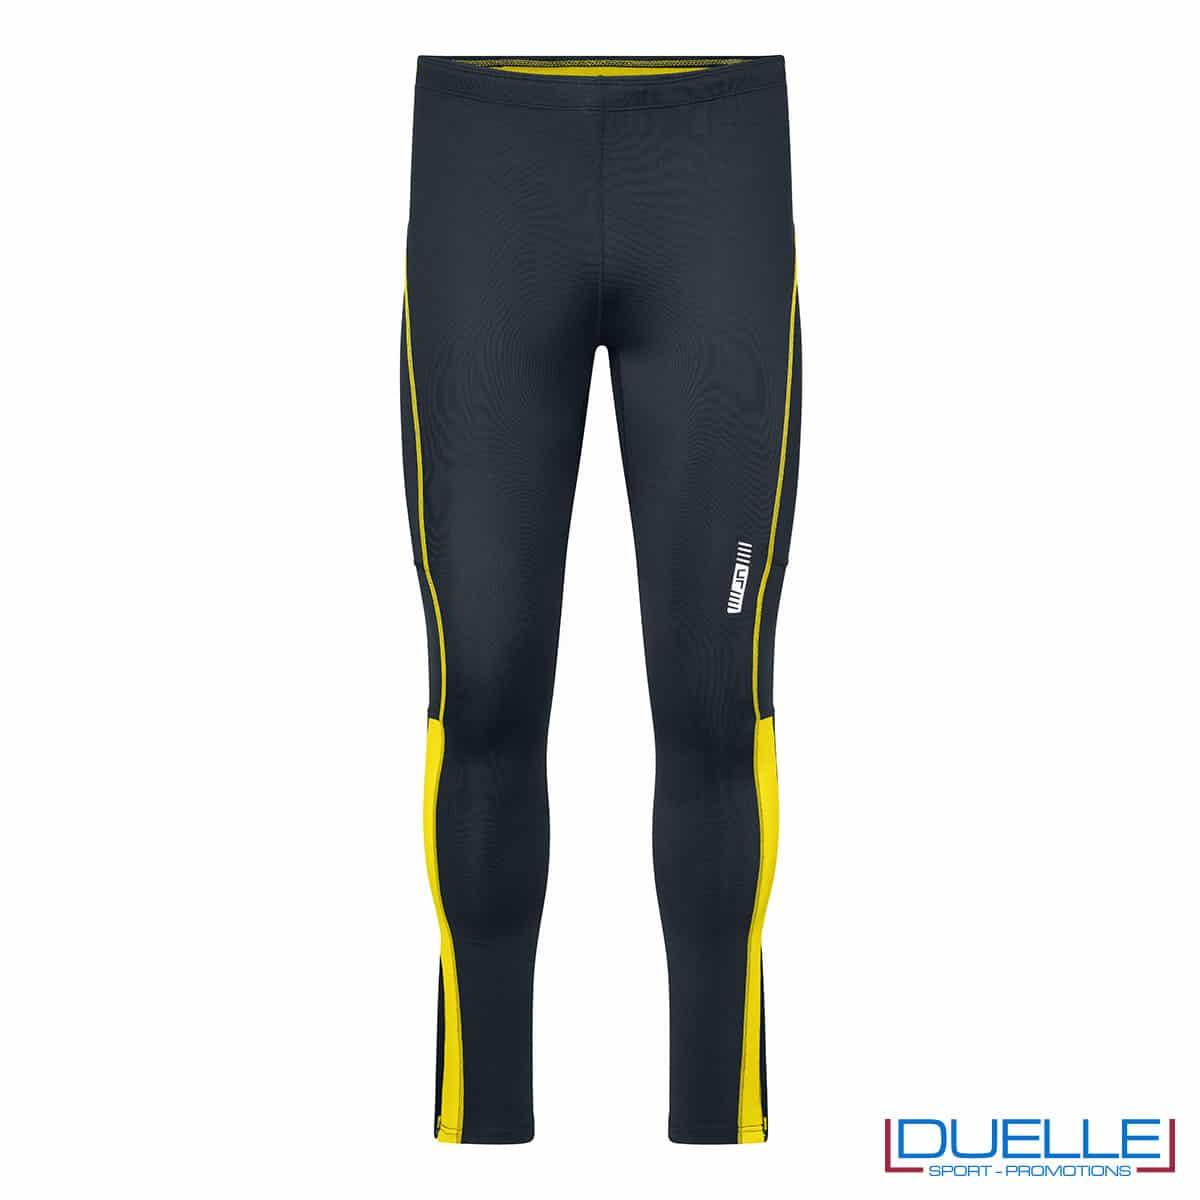 Pantaloni running antracite/giallo personalizzati